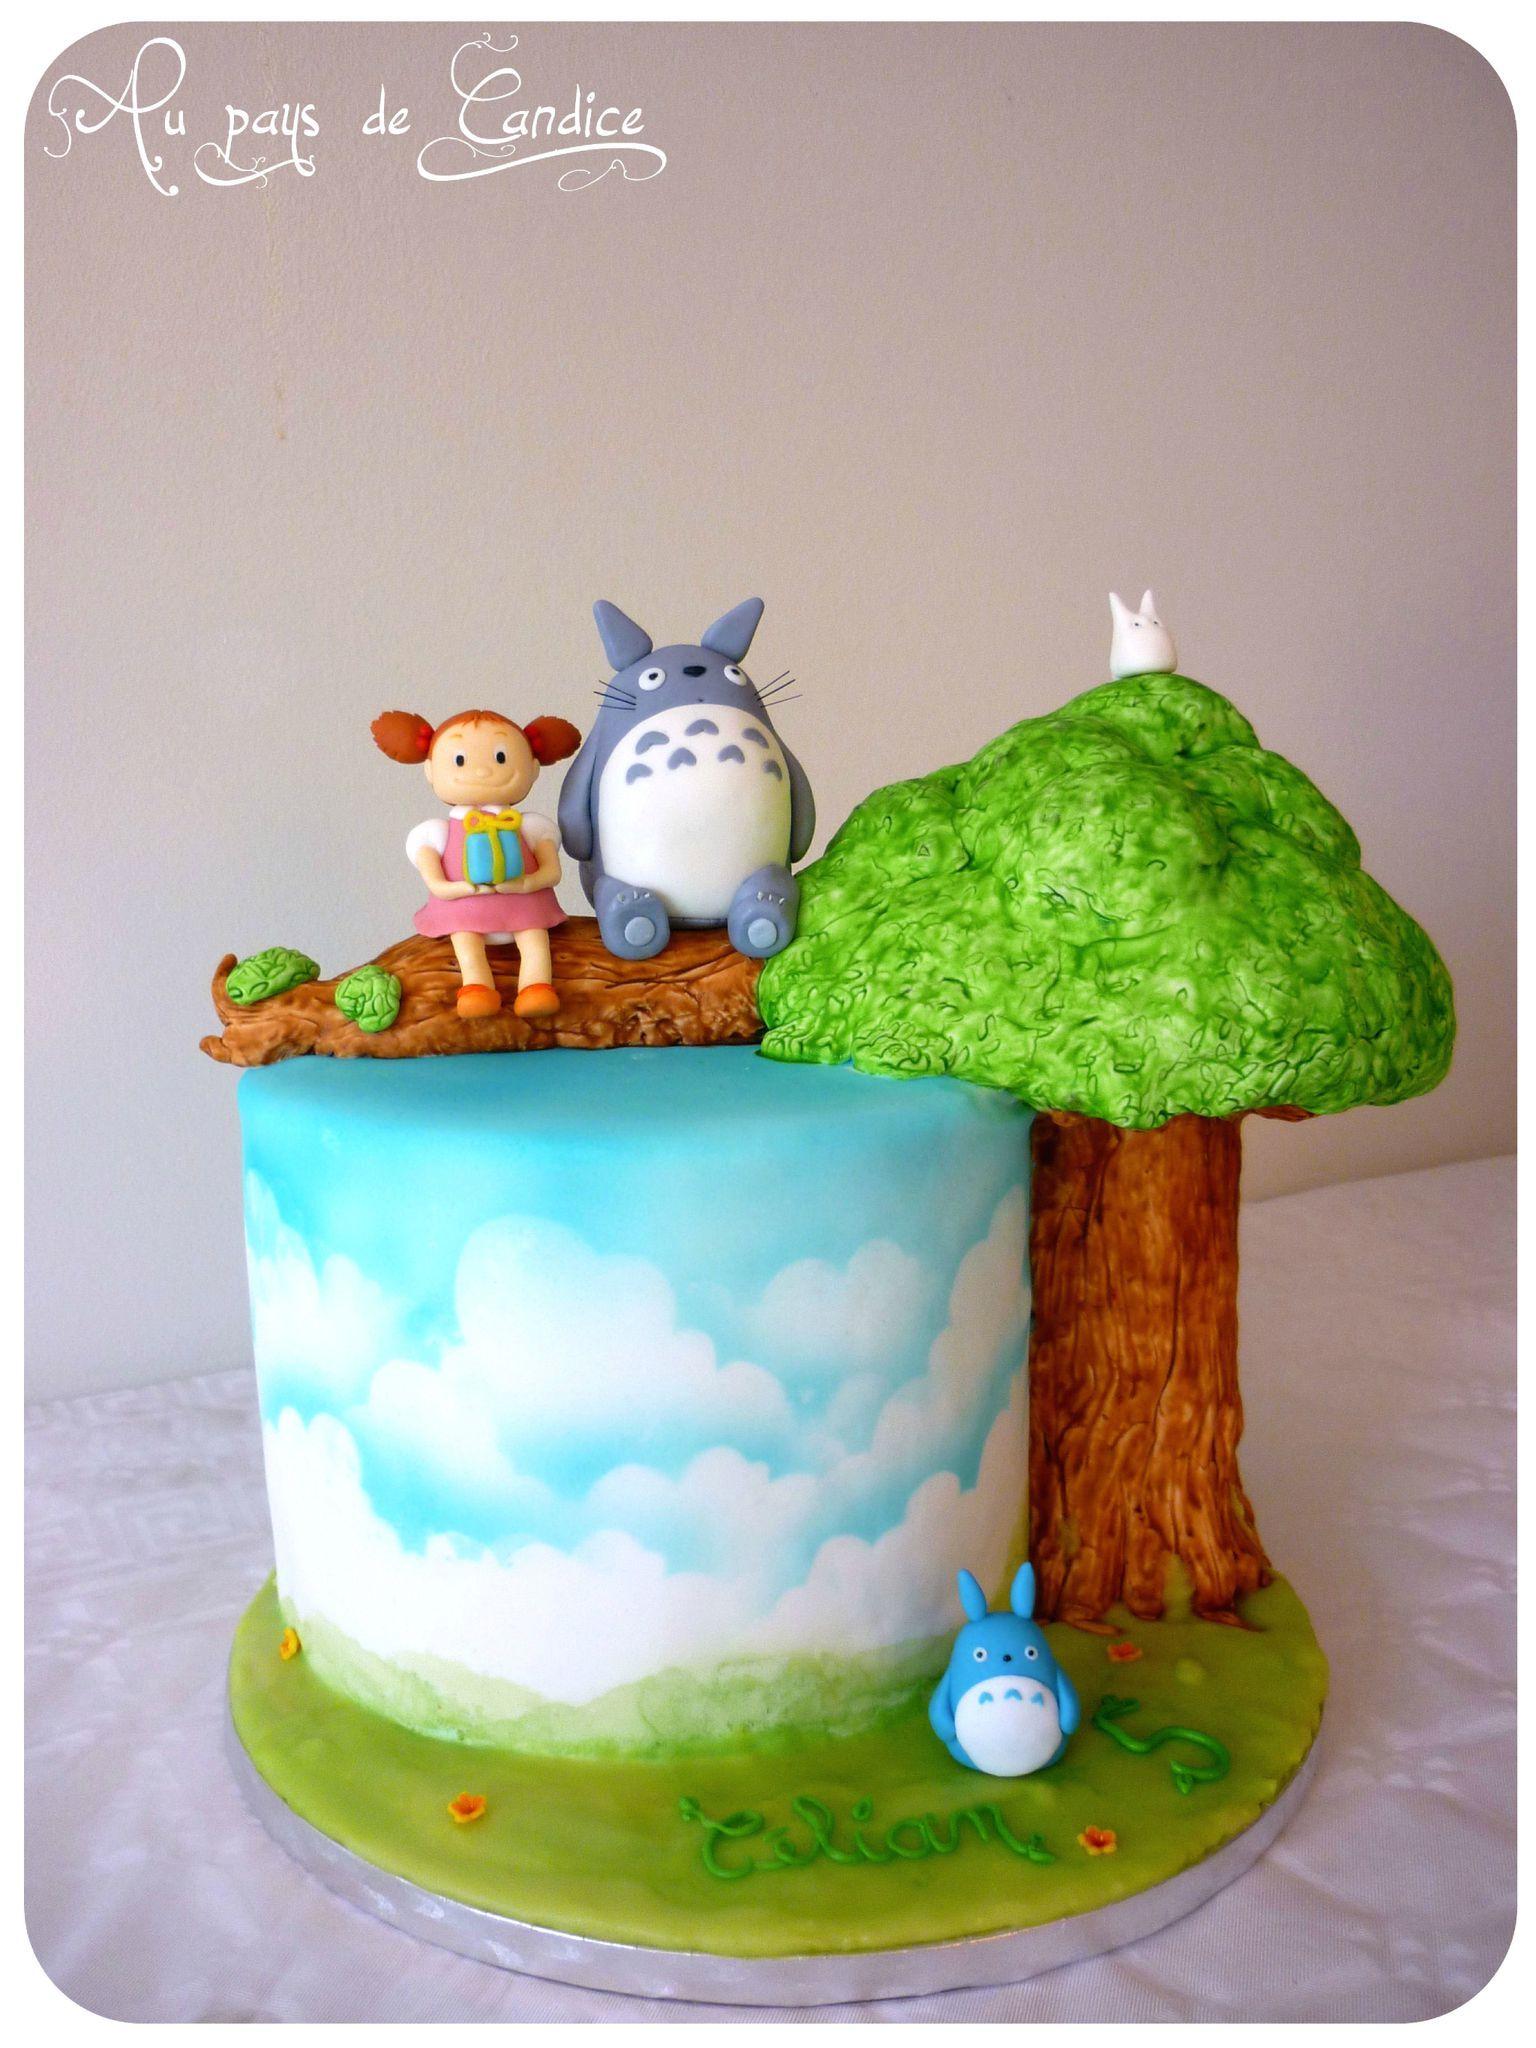 Gateau D Anniversaire Totoro Au Pays De Candice Cake Cake